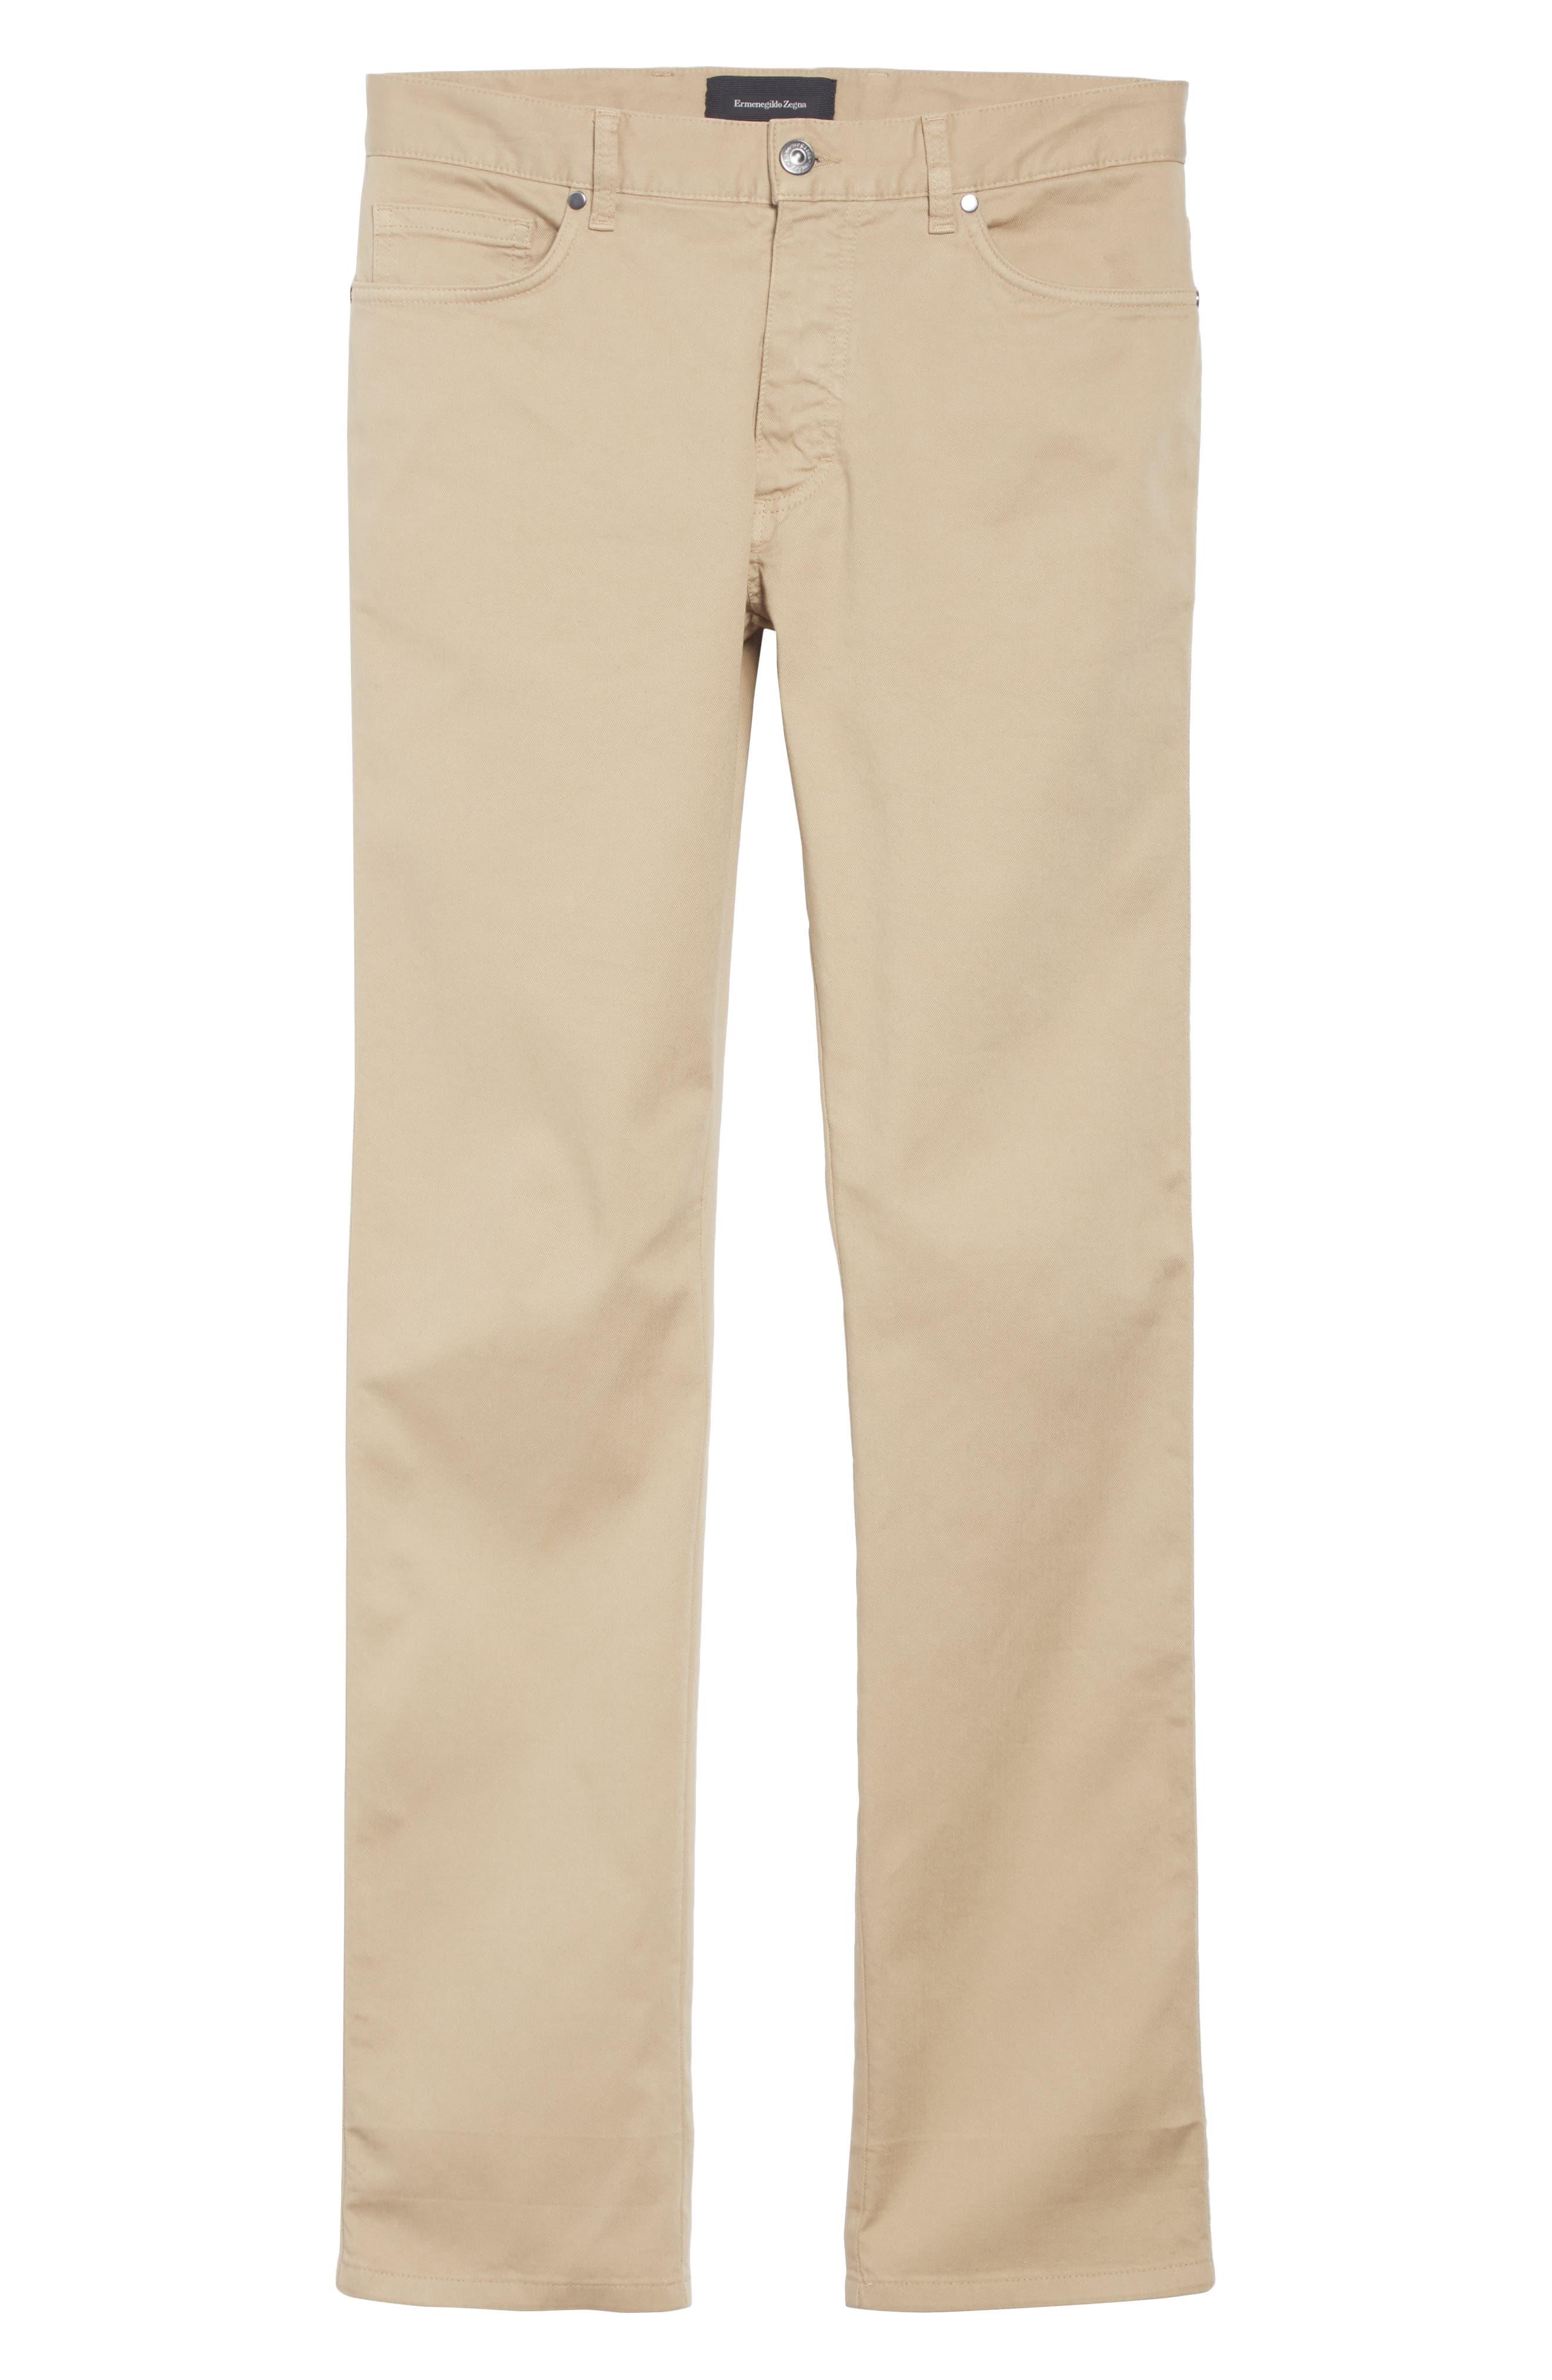 ERMENEGILDO ZEGNA, Stretch Cotton Five Pocket Pants, Alternate thumbnail 7, color, LIGHT BEIGE